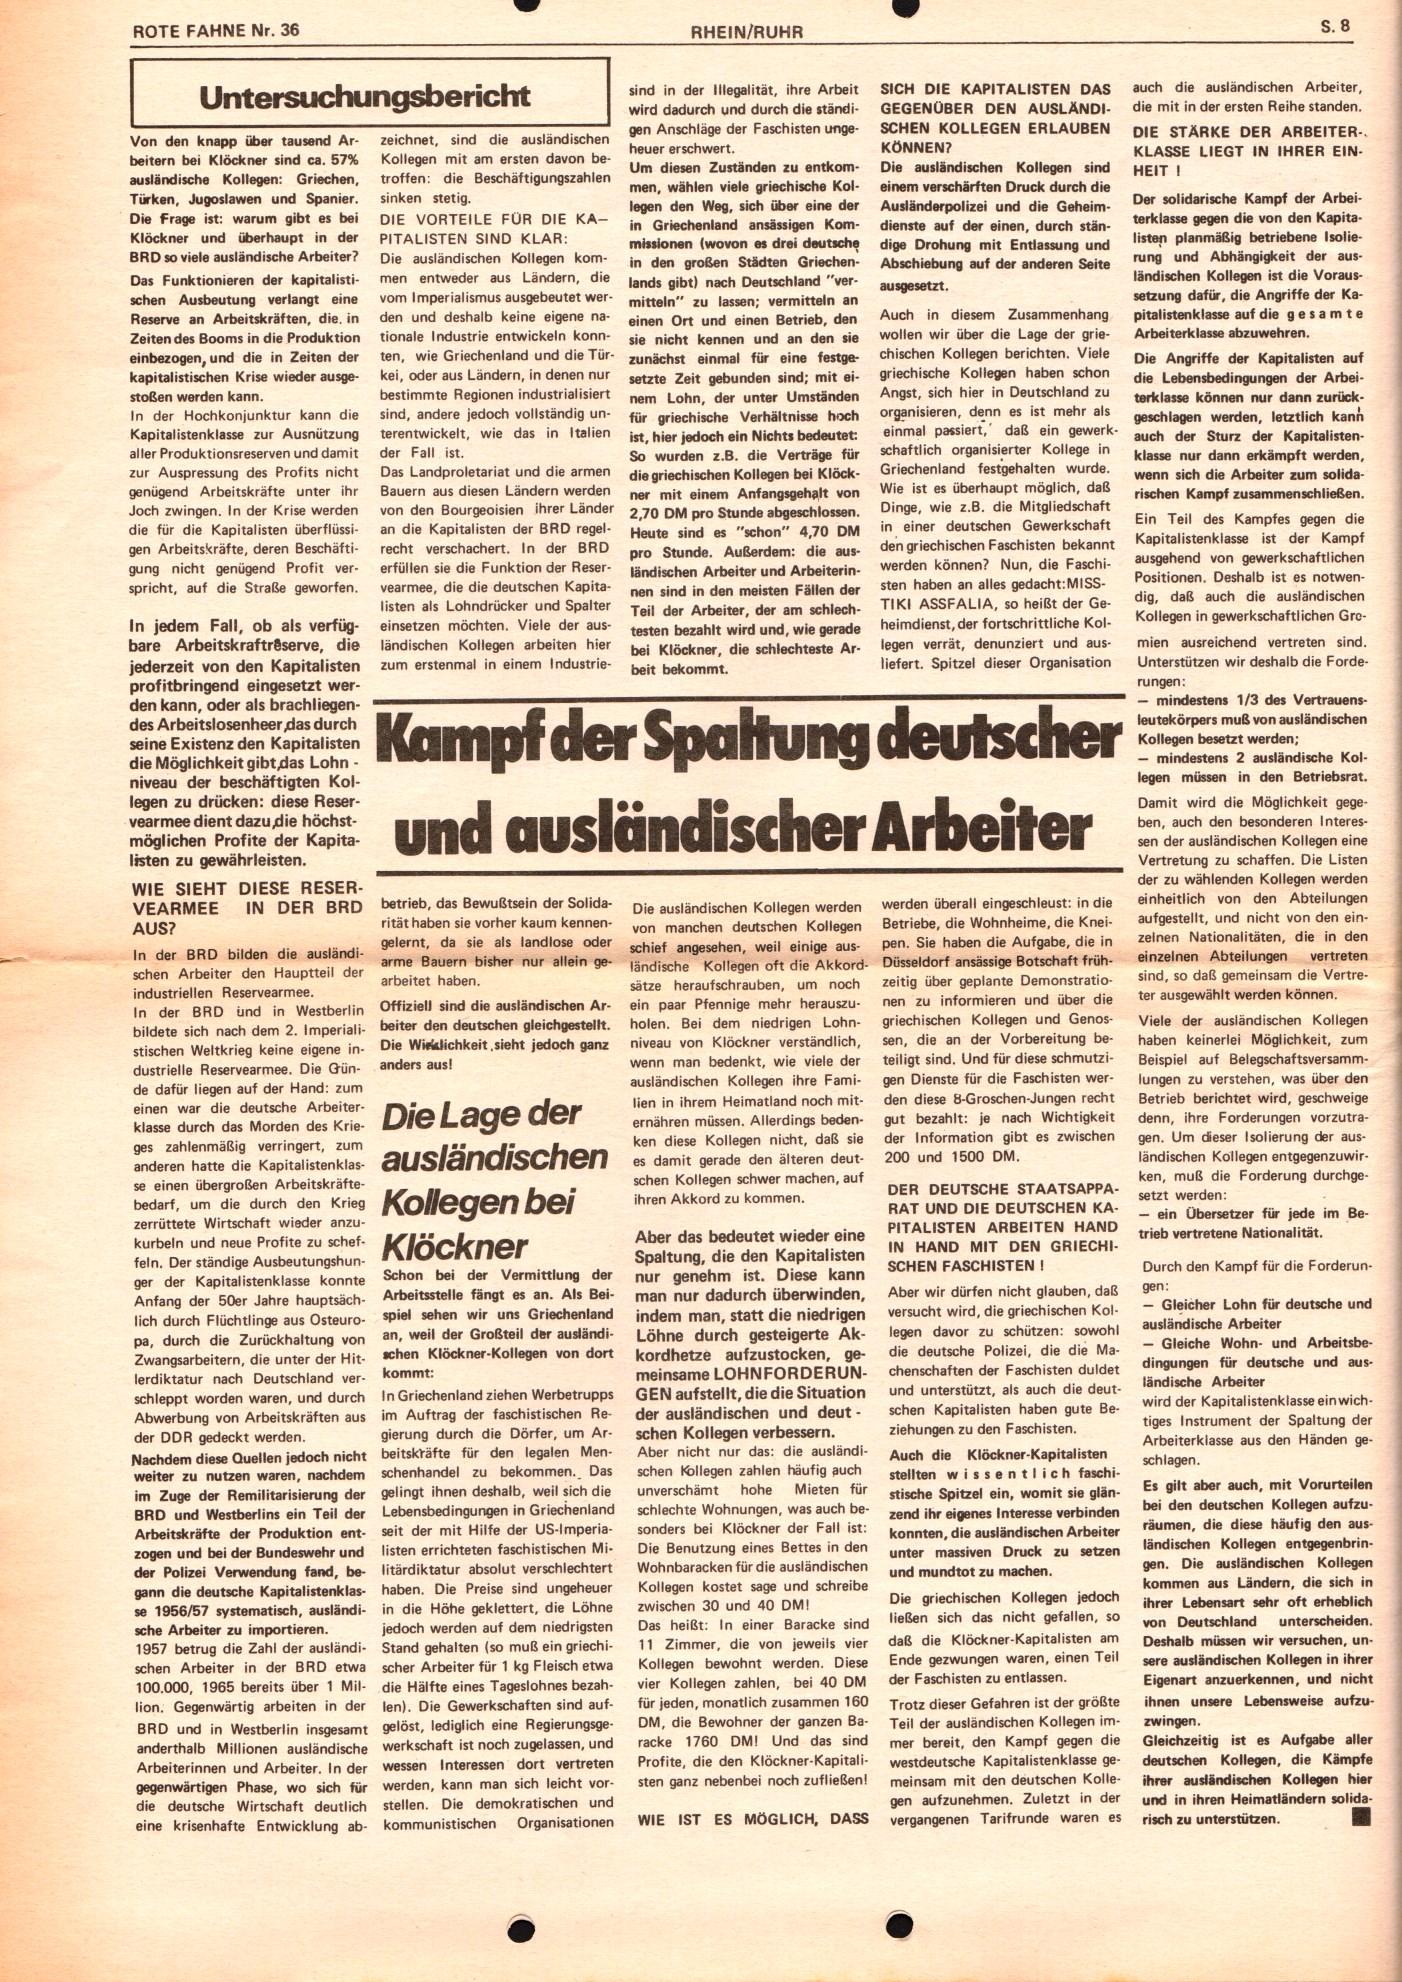 KPD_Rote_Fahne_1972_36_08